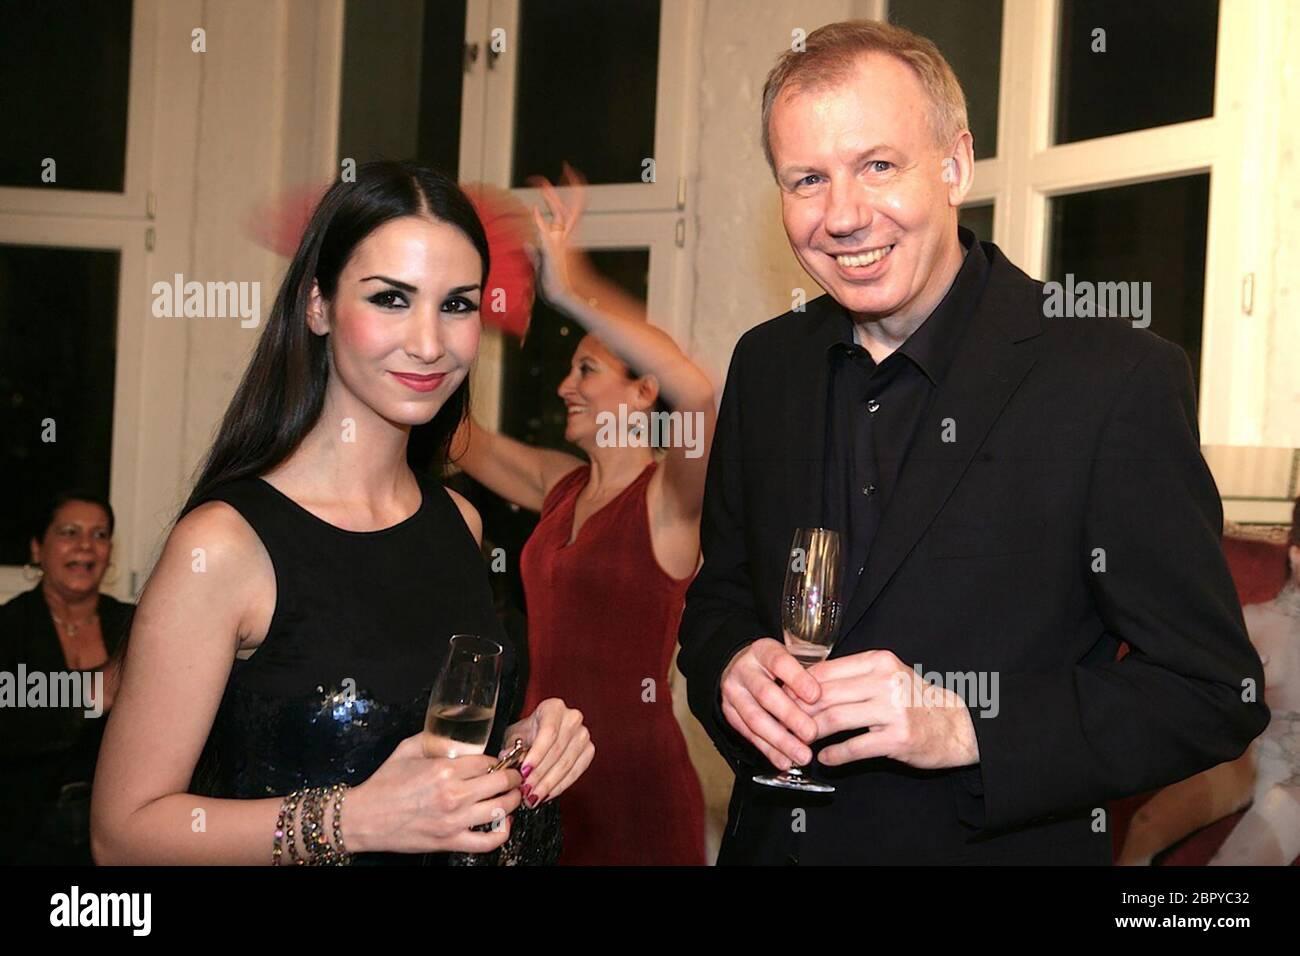 Lambertz Kalender 2012 - Präsentation - Präsentation des neuen Lambertz Kalenders. Mit dabei: Der deutsche Schauspieler Ludger Pistor. Foto Stock